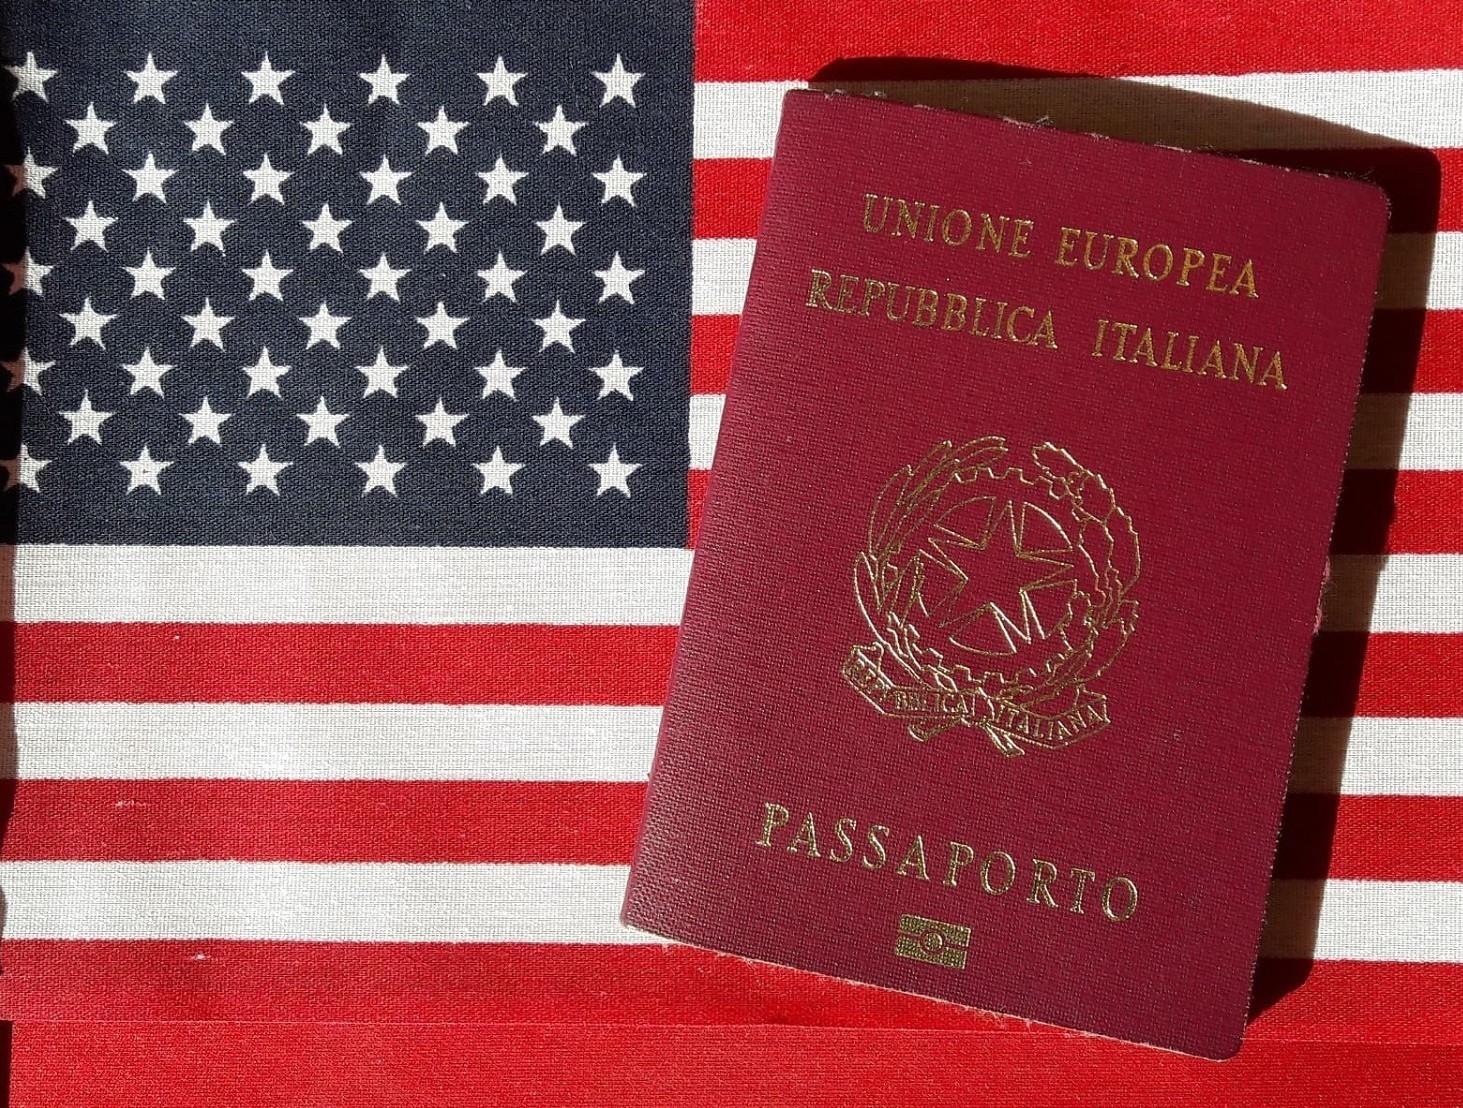 Passaporto per gli Stati Uniti valido, come fare. Documenti necessari, tempi, costi per rilascio